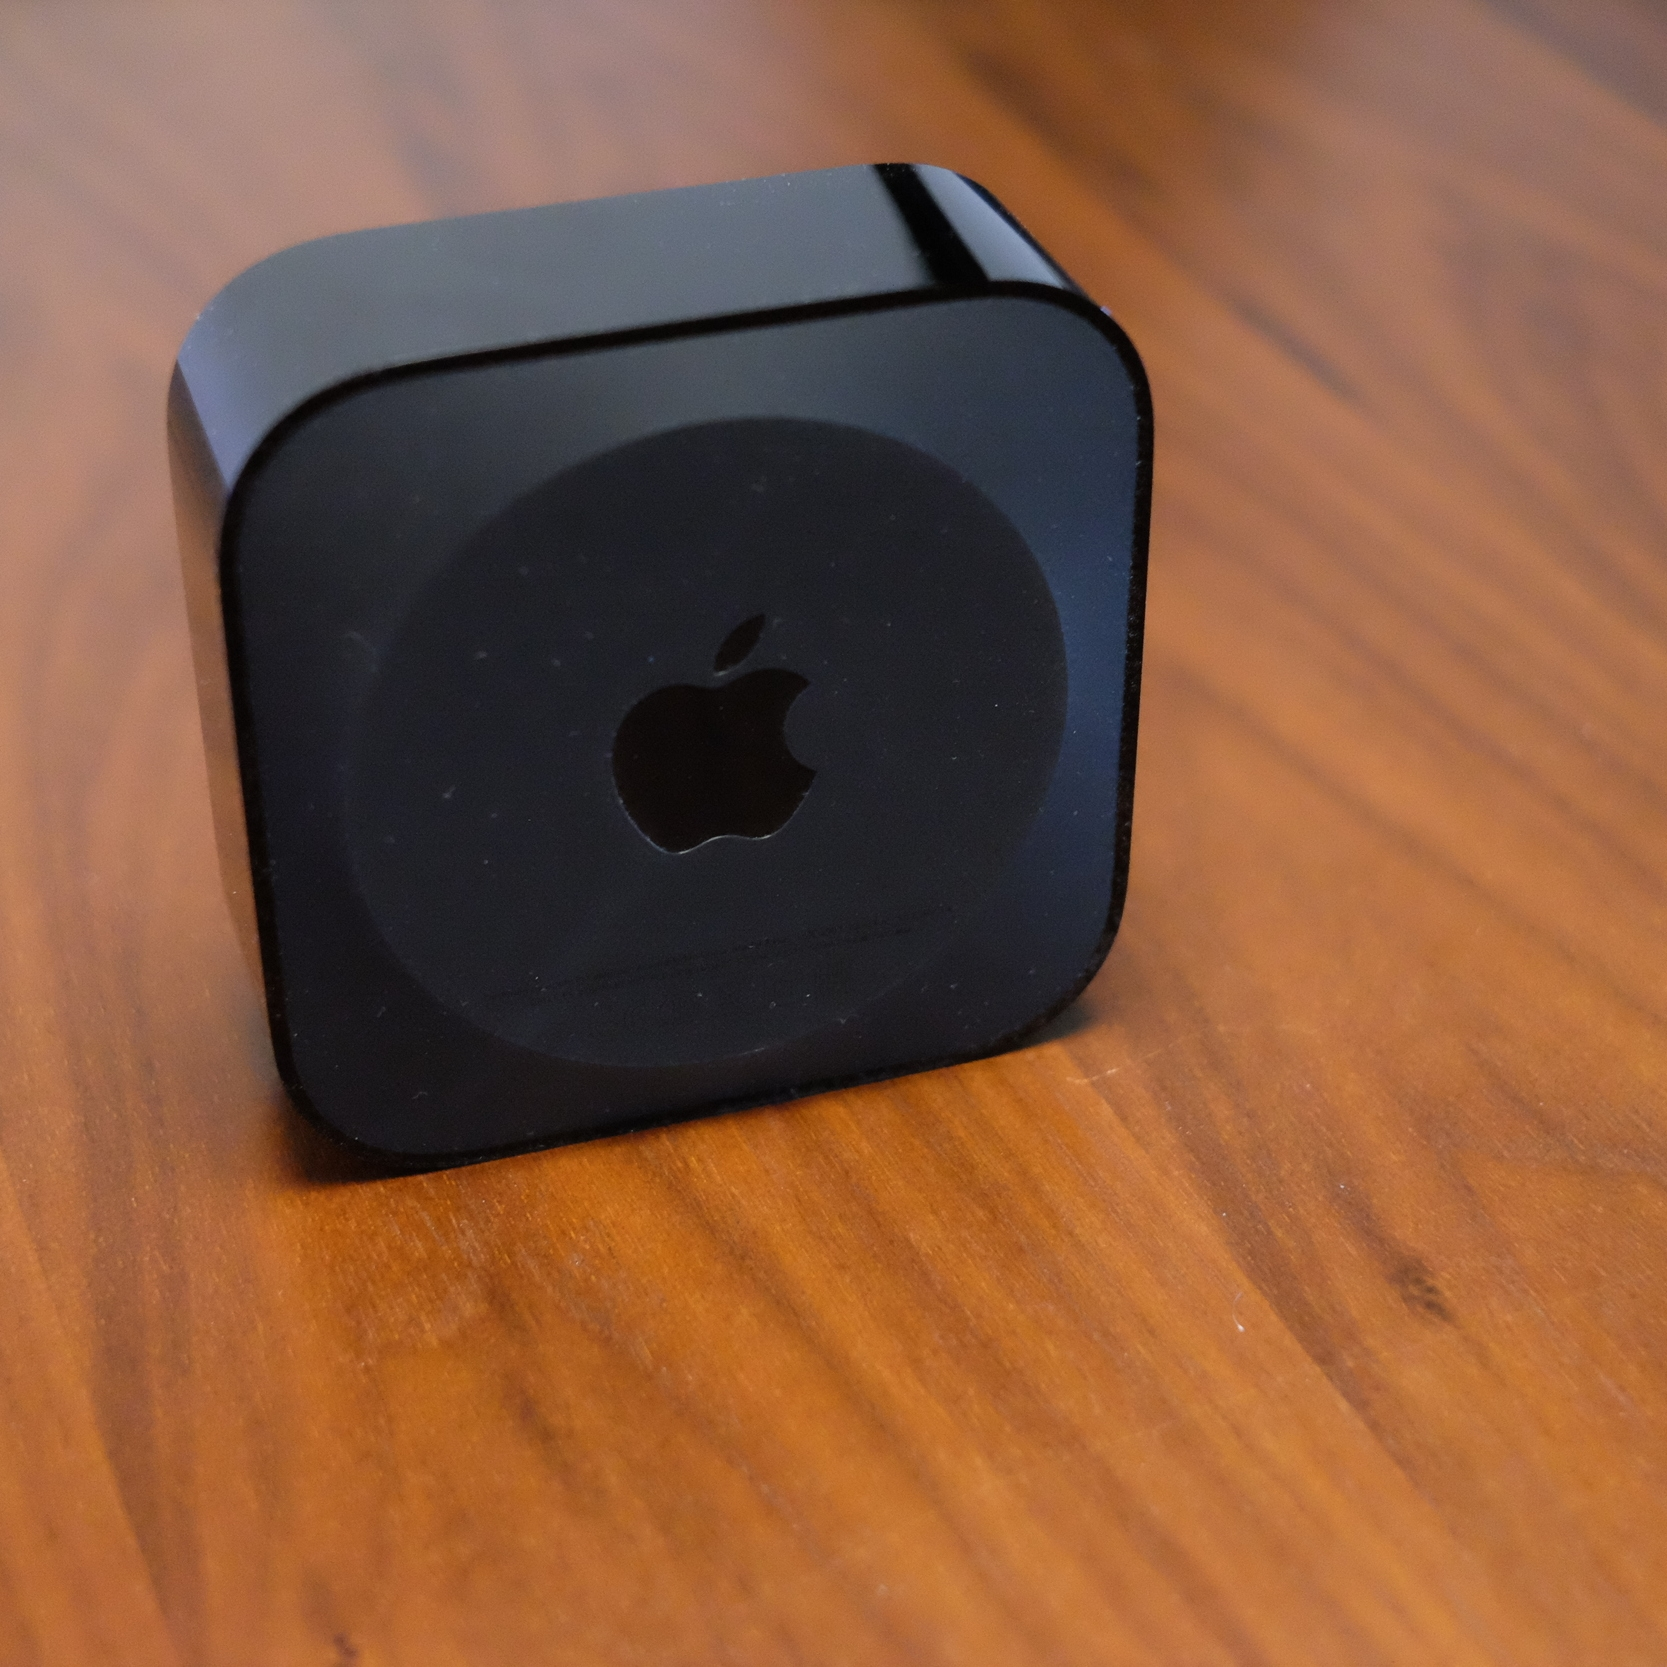 Apple TV bottom side